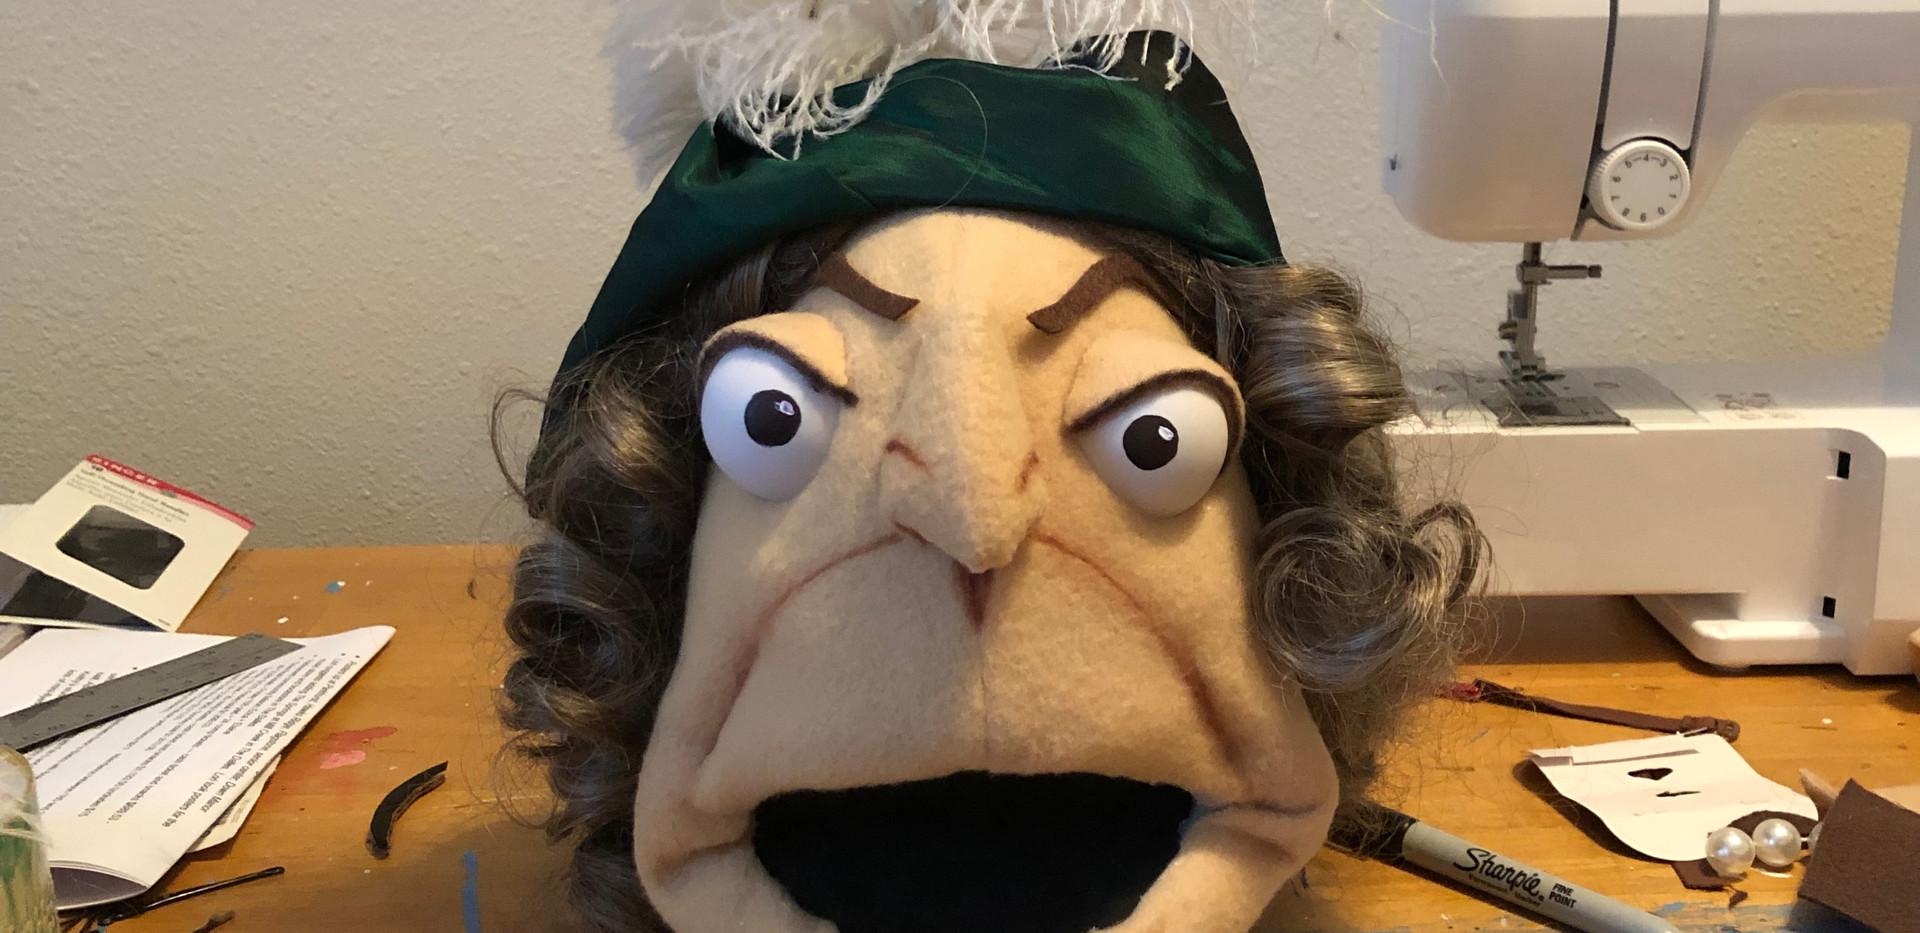 Mrs. Ferrar's bitter beer face